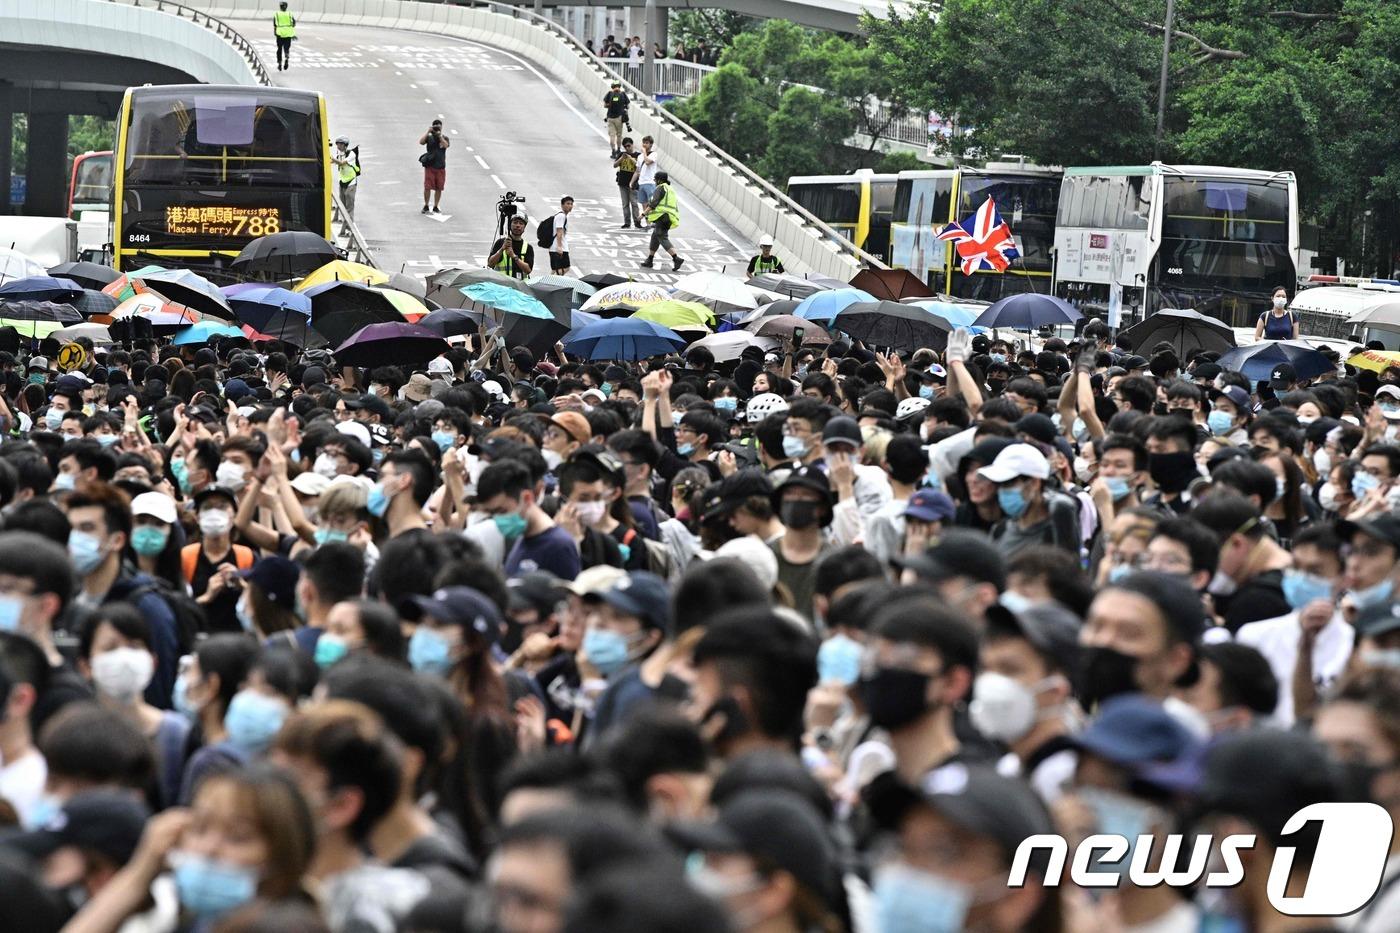 홍콩 시민 수천명 길거리 점거 하고 시위 돌입[베이징 토토|비앙키 토토]